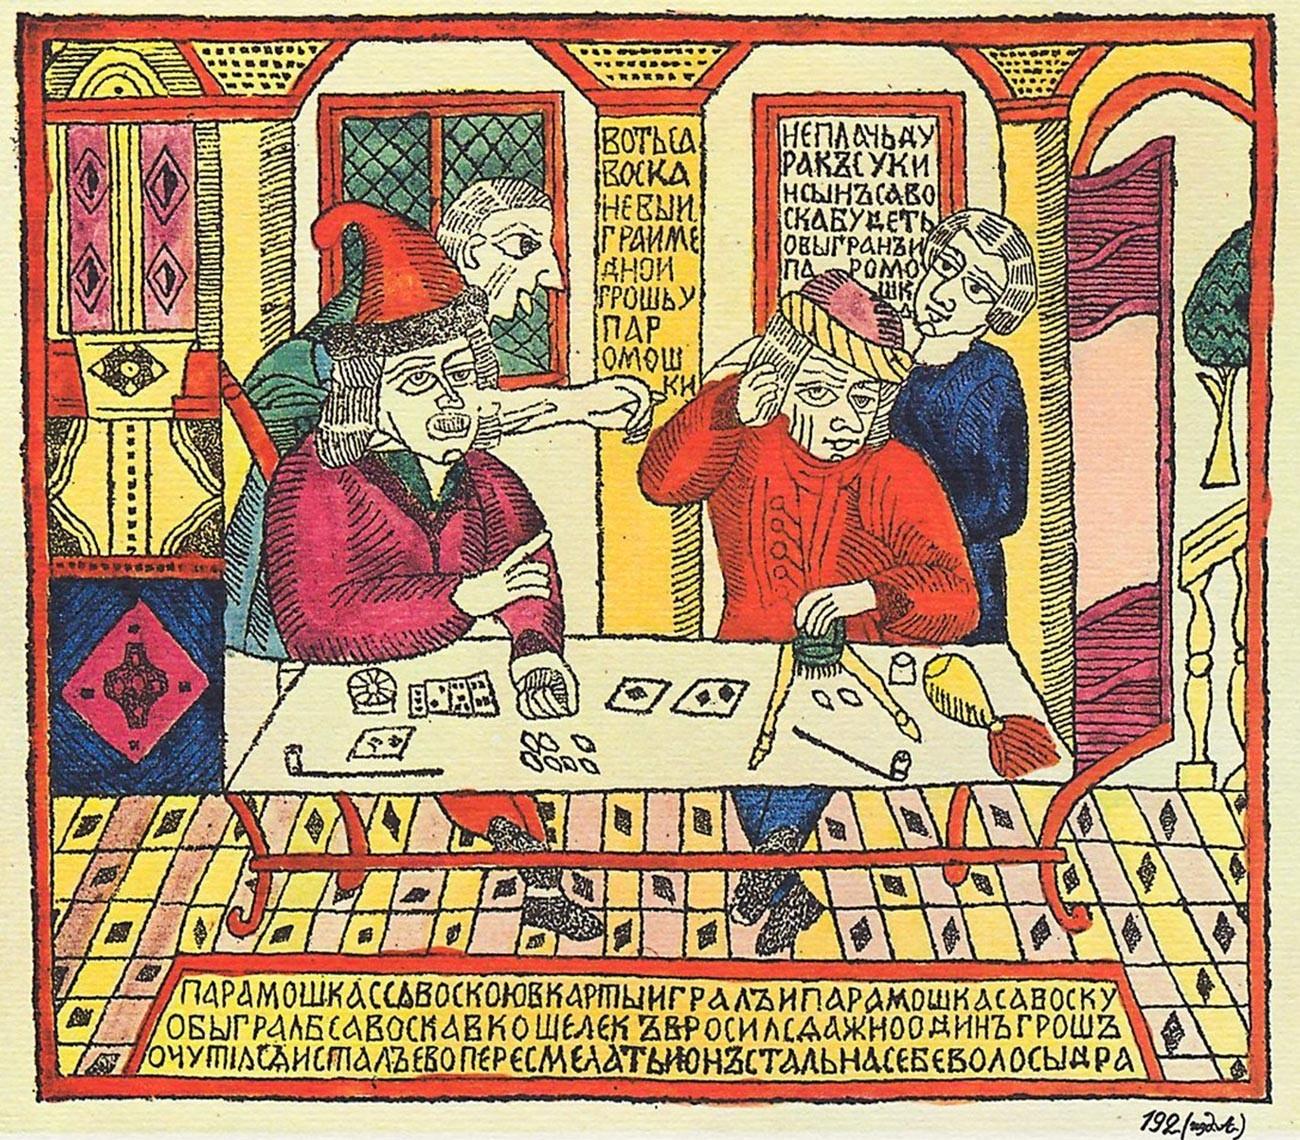 """Lubok """"Savoska e Paramochka"""", século 18. A legenda diz: """"Paramochka jogava cartas com Savoska. Paramochka venceu e Savoska olhou em sua bolsa e encontrou um único copeque lá. [Paramochka] começou a rir dele e ele começou a arrancar os cabelos."""""""